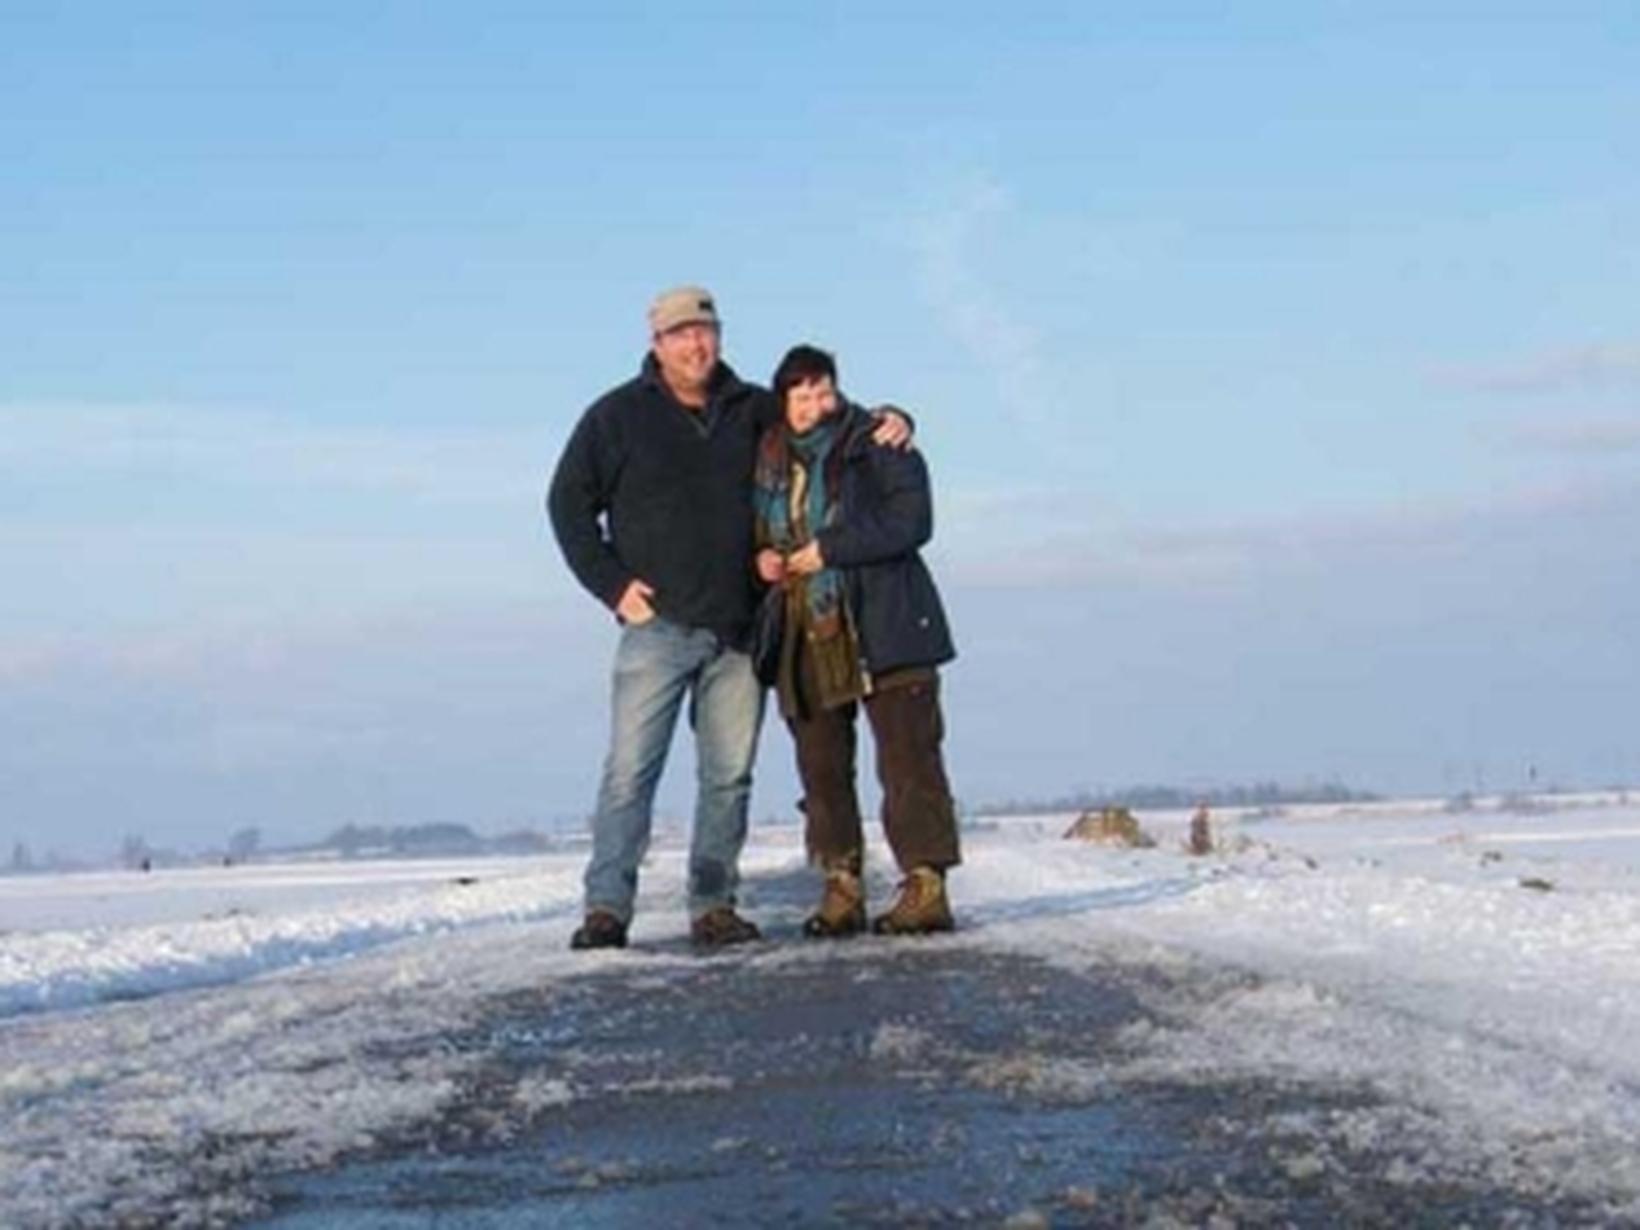 Jan & Marjolein from Jirnsum, Netherlands